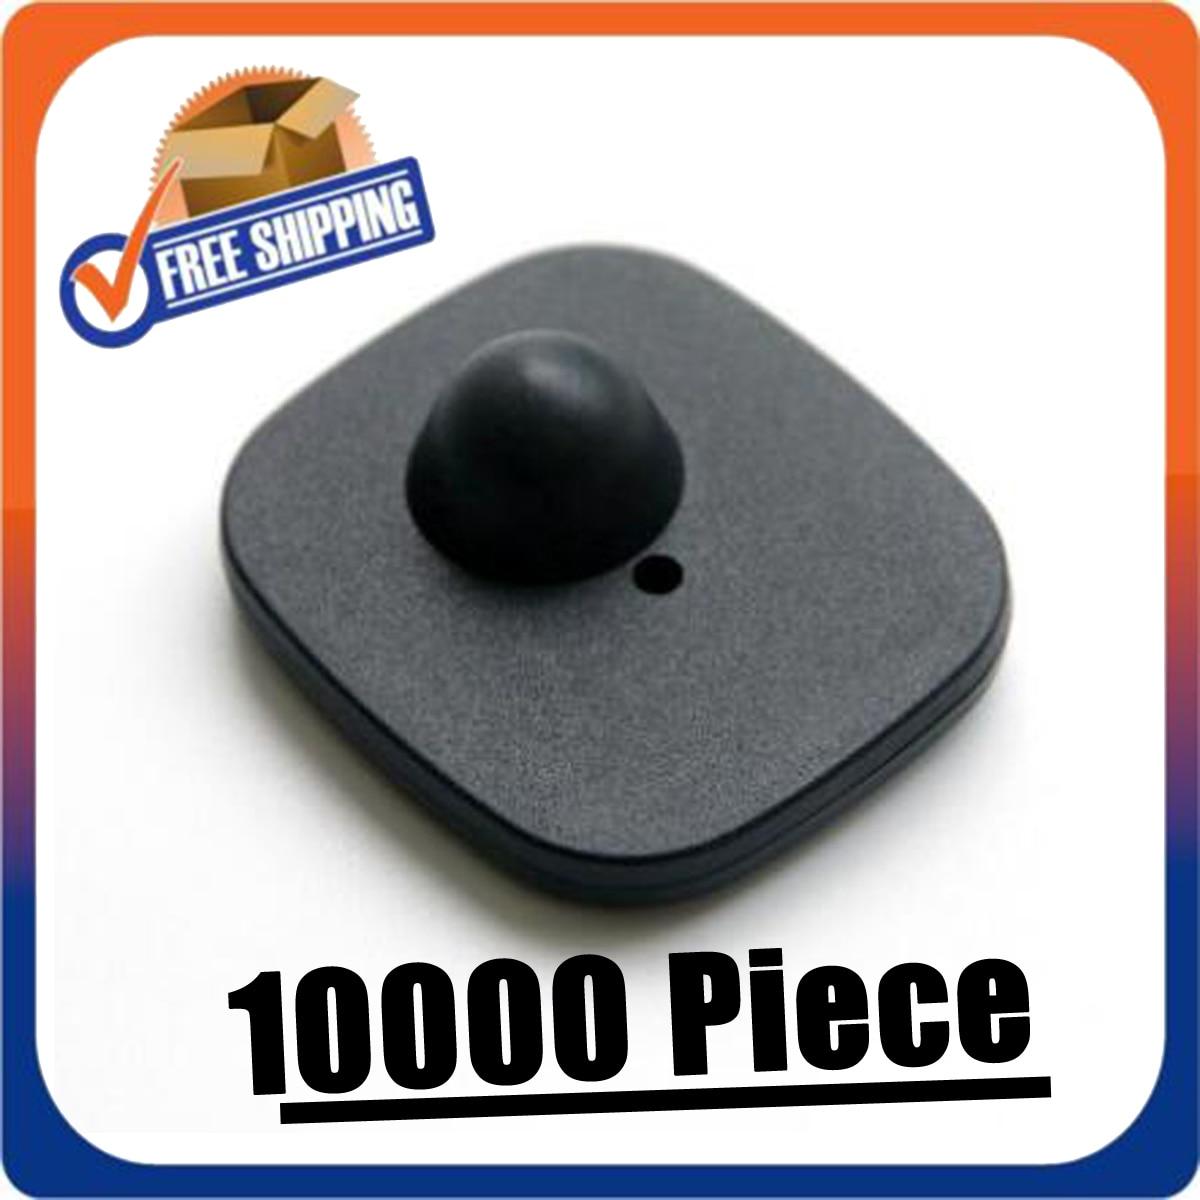 Alarmes de segurança com pinos 10000 peça tag de segurança reusável para rf8.2hz eas sistemas checkpoint sistema compatível